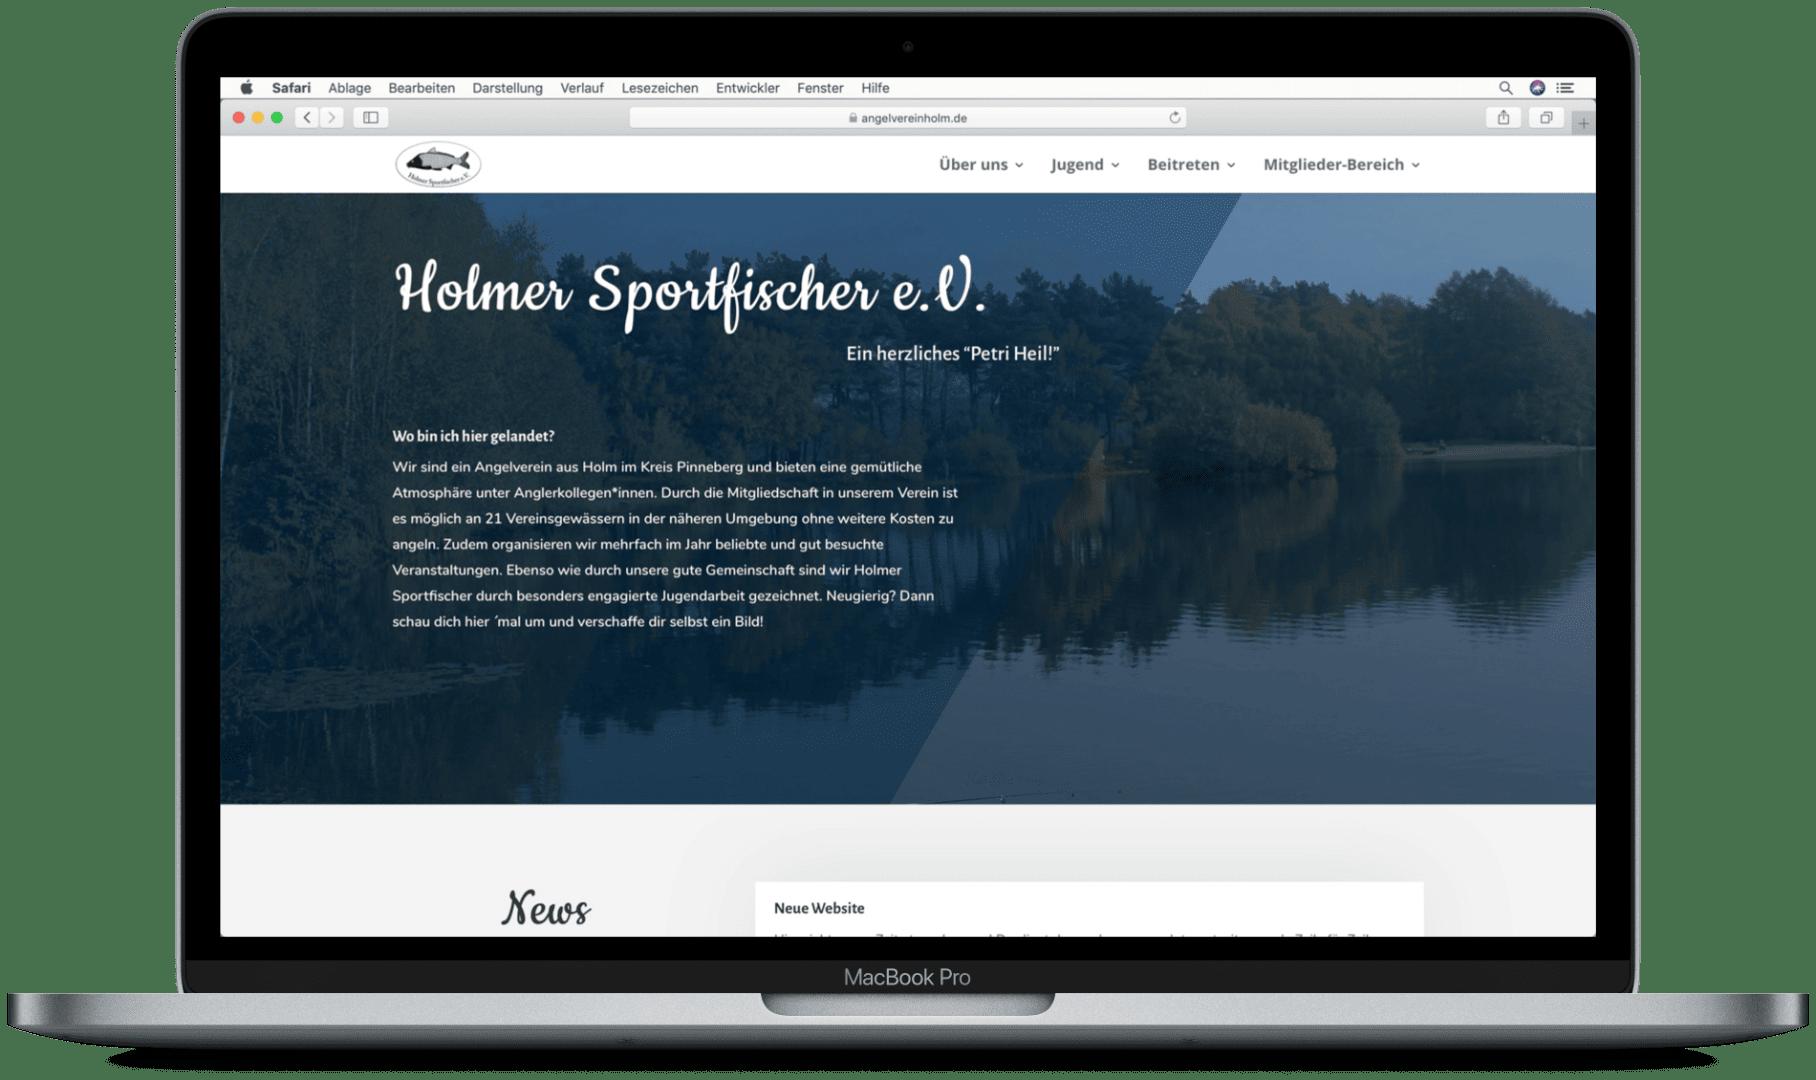 Website des Holmer Sportfischer e.V. auf einem Laptop mit Ansicht der Startseite.